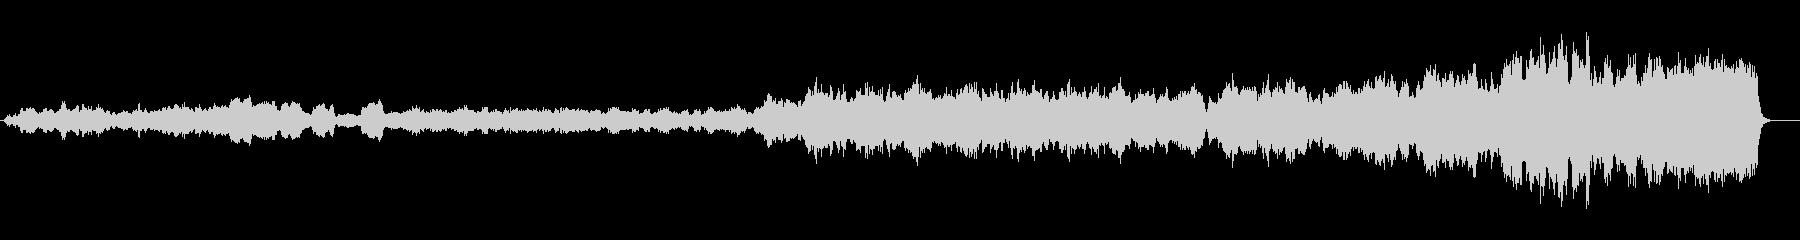 オーケストラによるロマンチックなBGMの未再生の波形